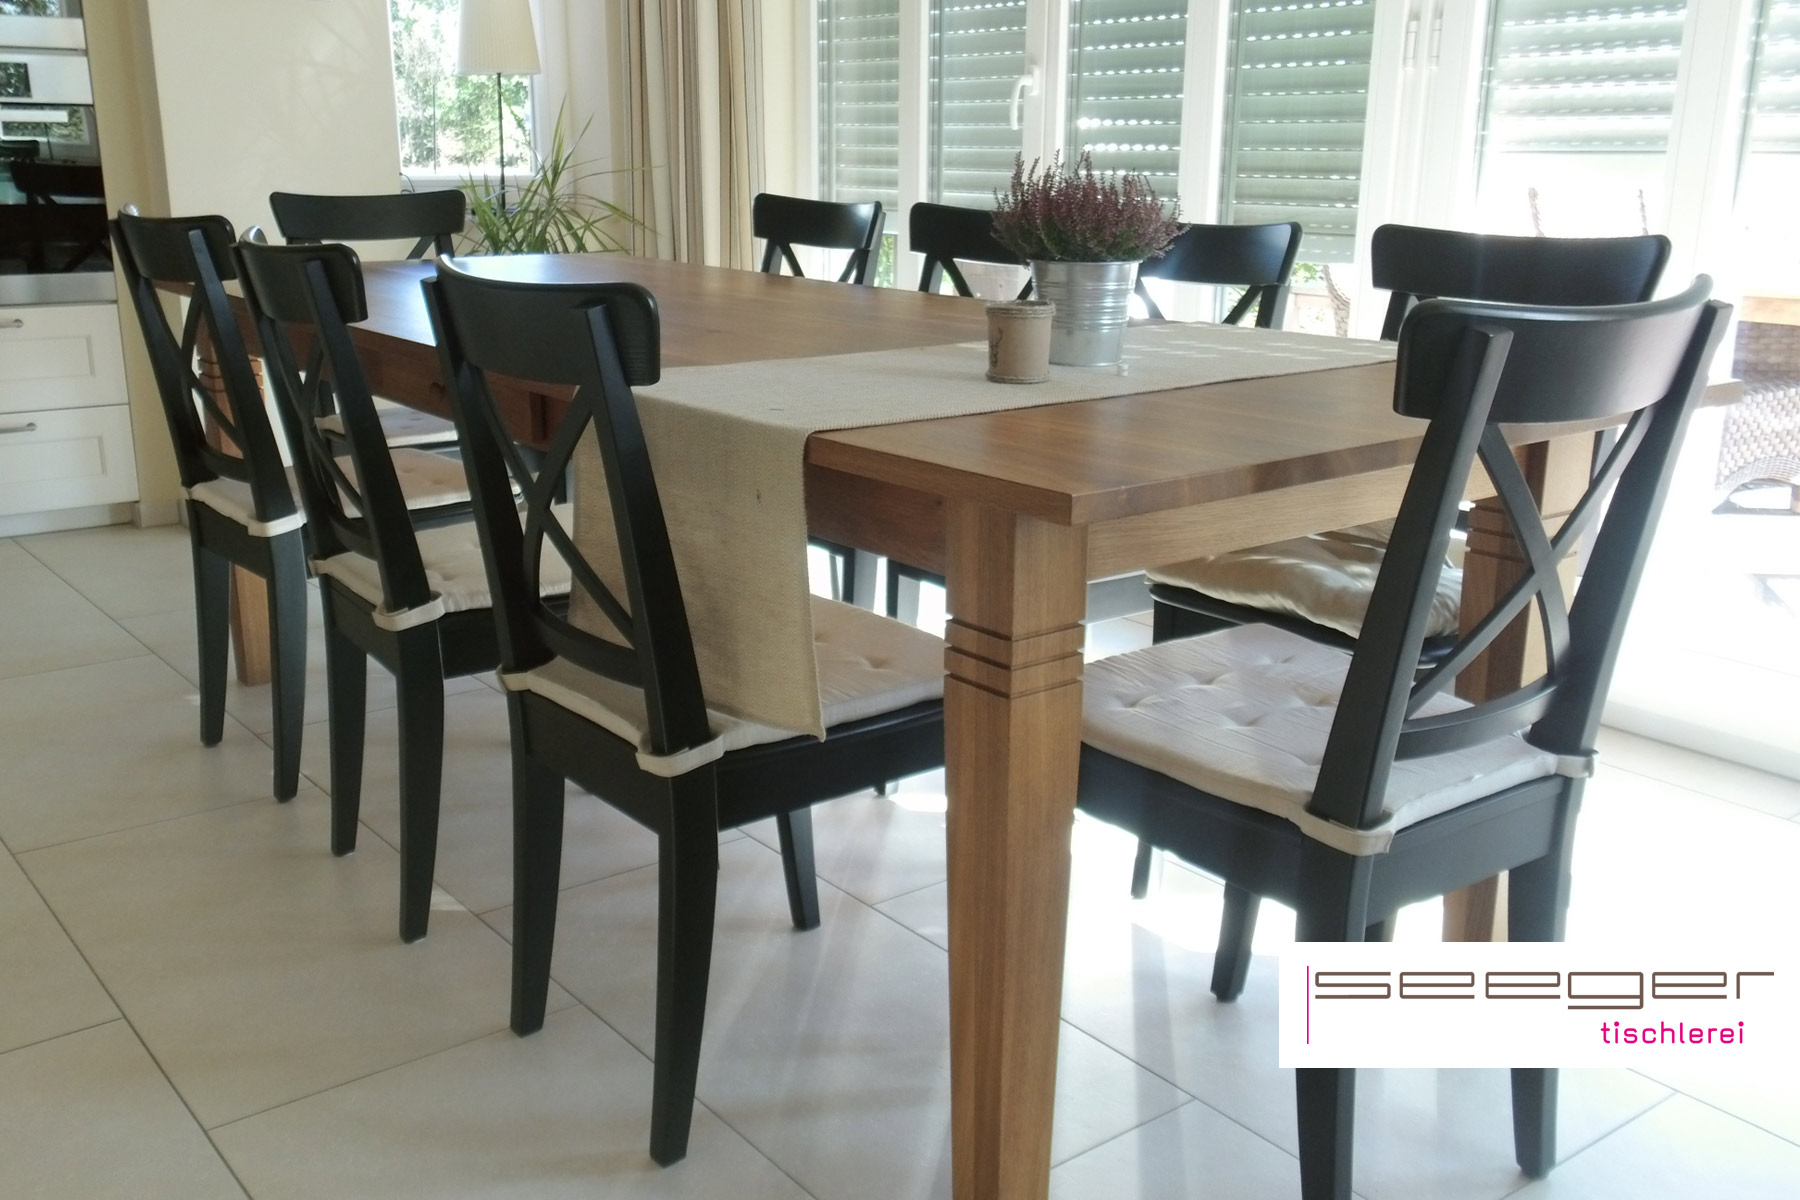 Tischlerei seeger design und funktionm bel aus dinklage for Esszimmer tische vollholz